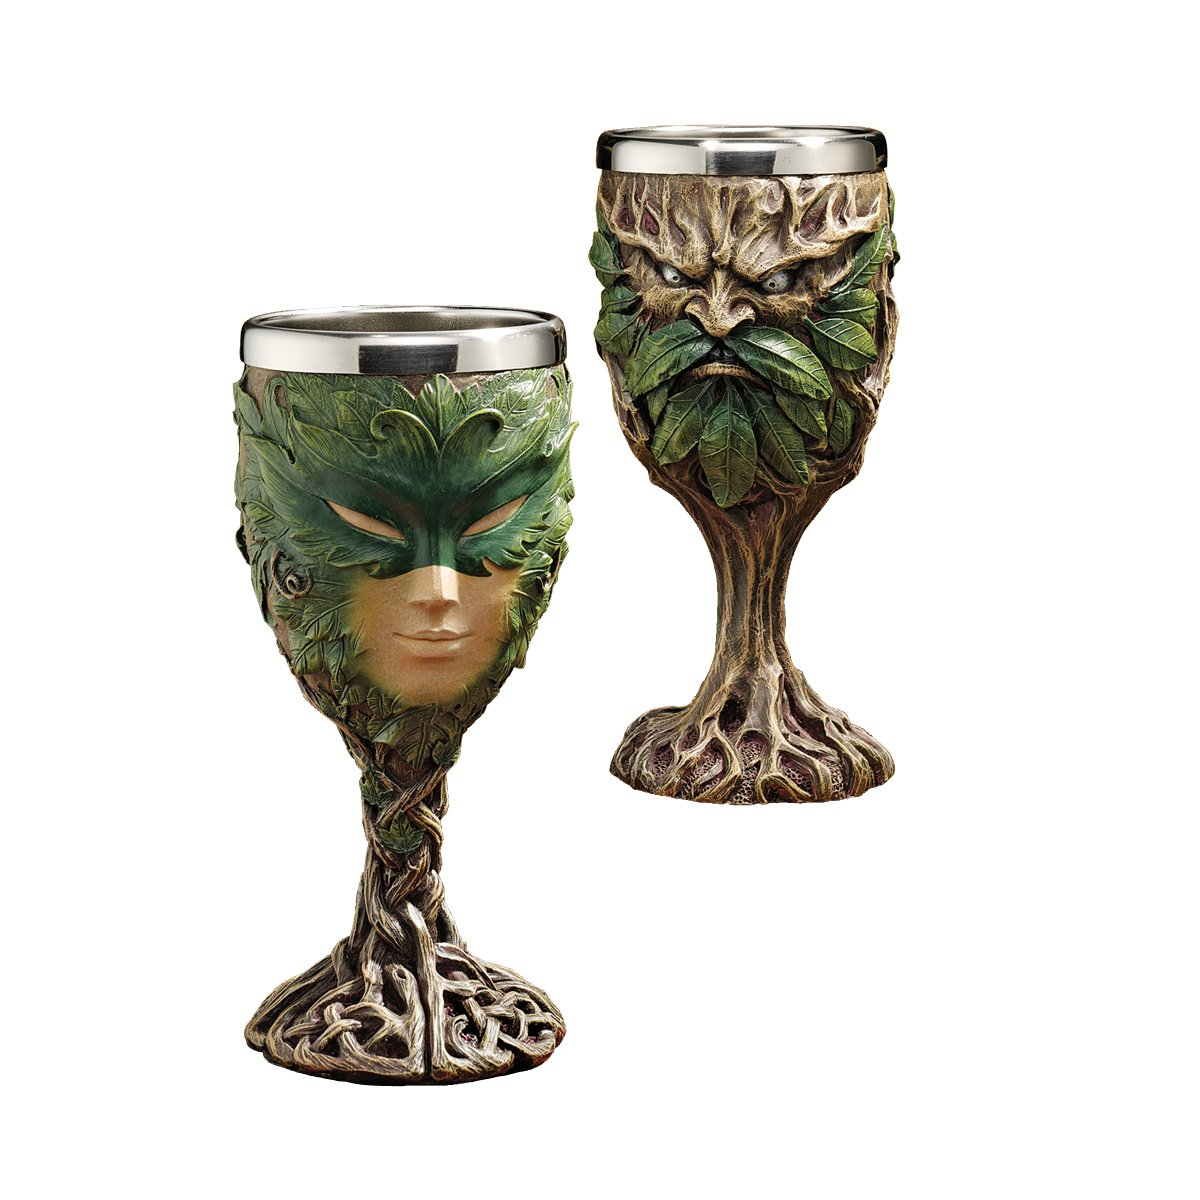 Design Toscano Forest Spirits Greenman Grendel The Green Goblet CL5948